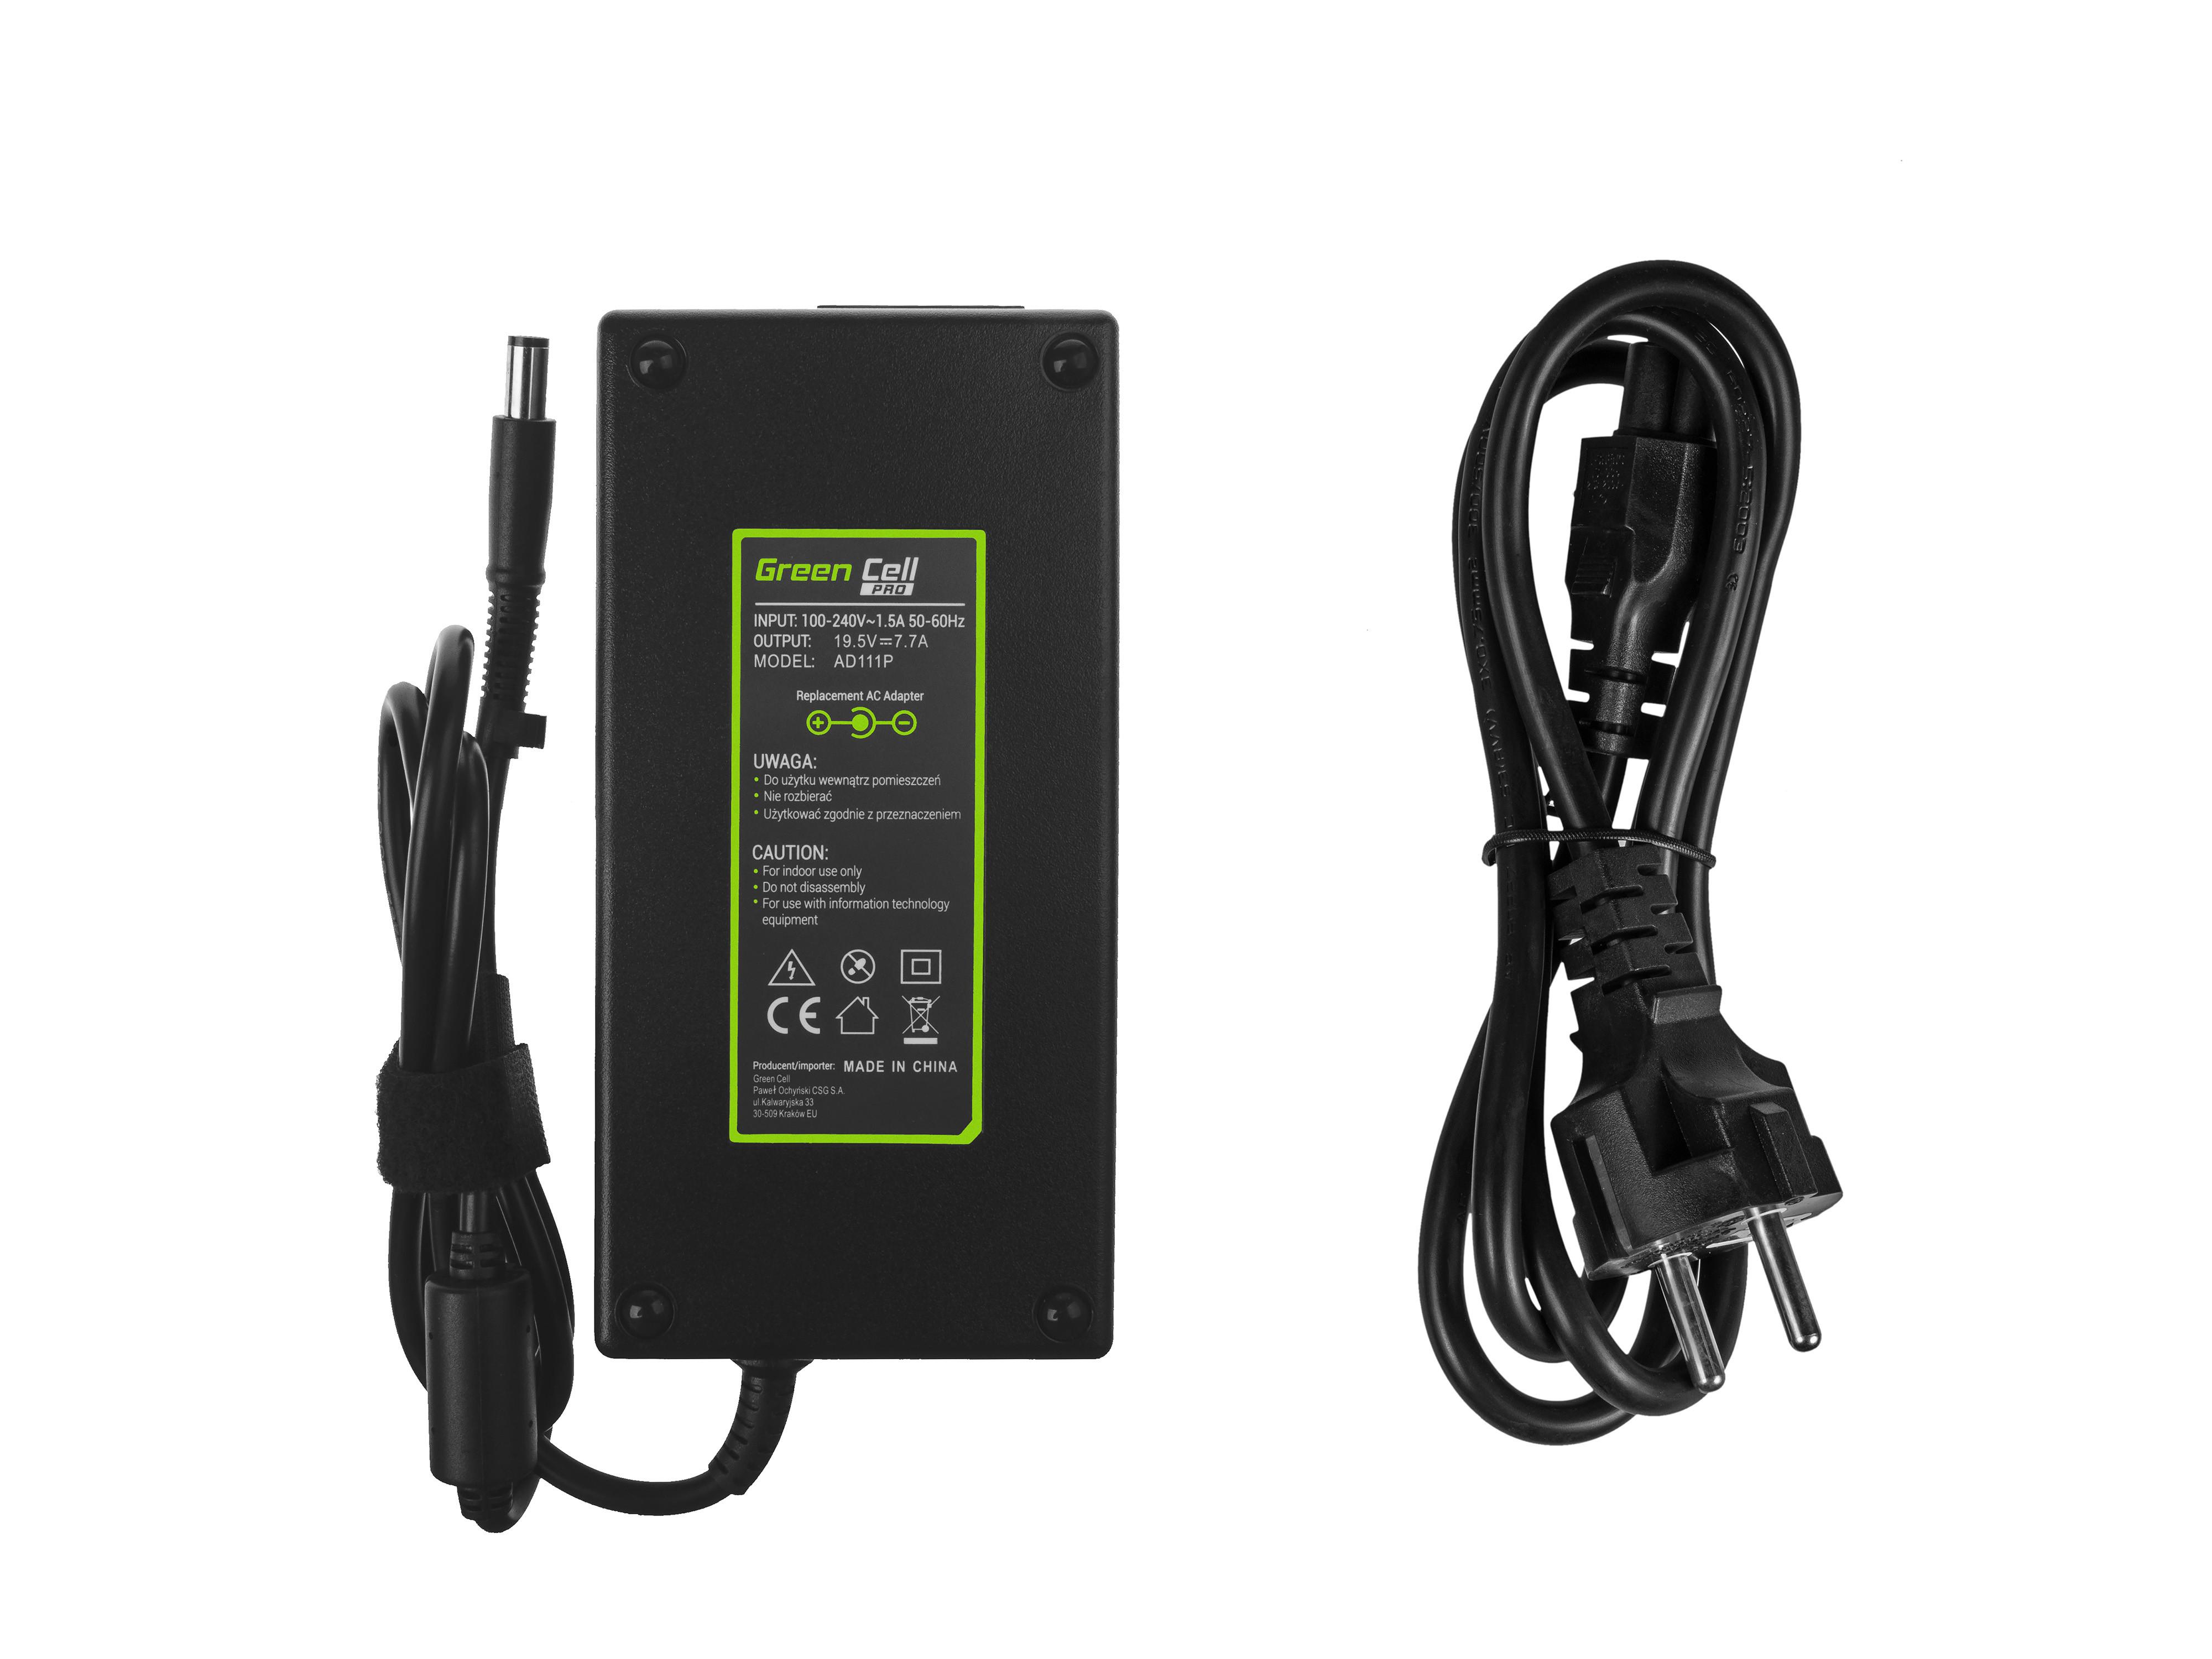 Green Cell AD111P Adaptér Nabíječka pro HP EliteBook 8530p 8530w 8540p 8540w 8560p 8560w 8570w 8730w ZBook 15 G1 G2 19.5V 7.7A 150W